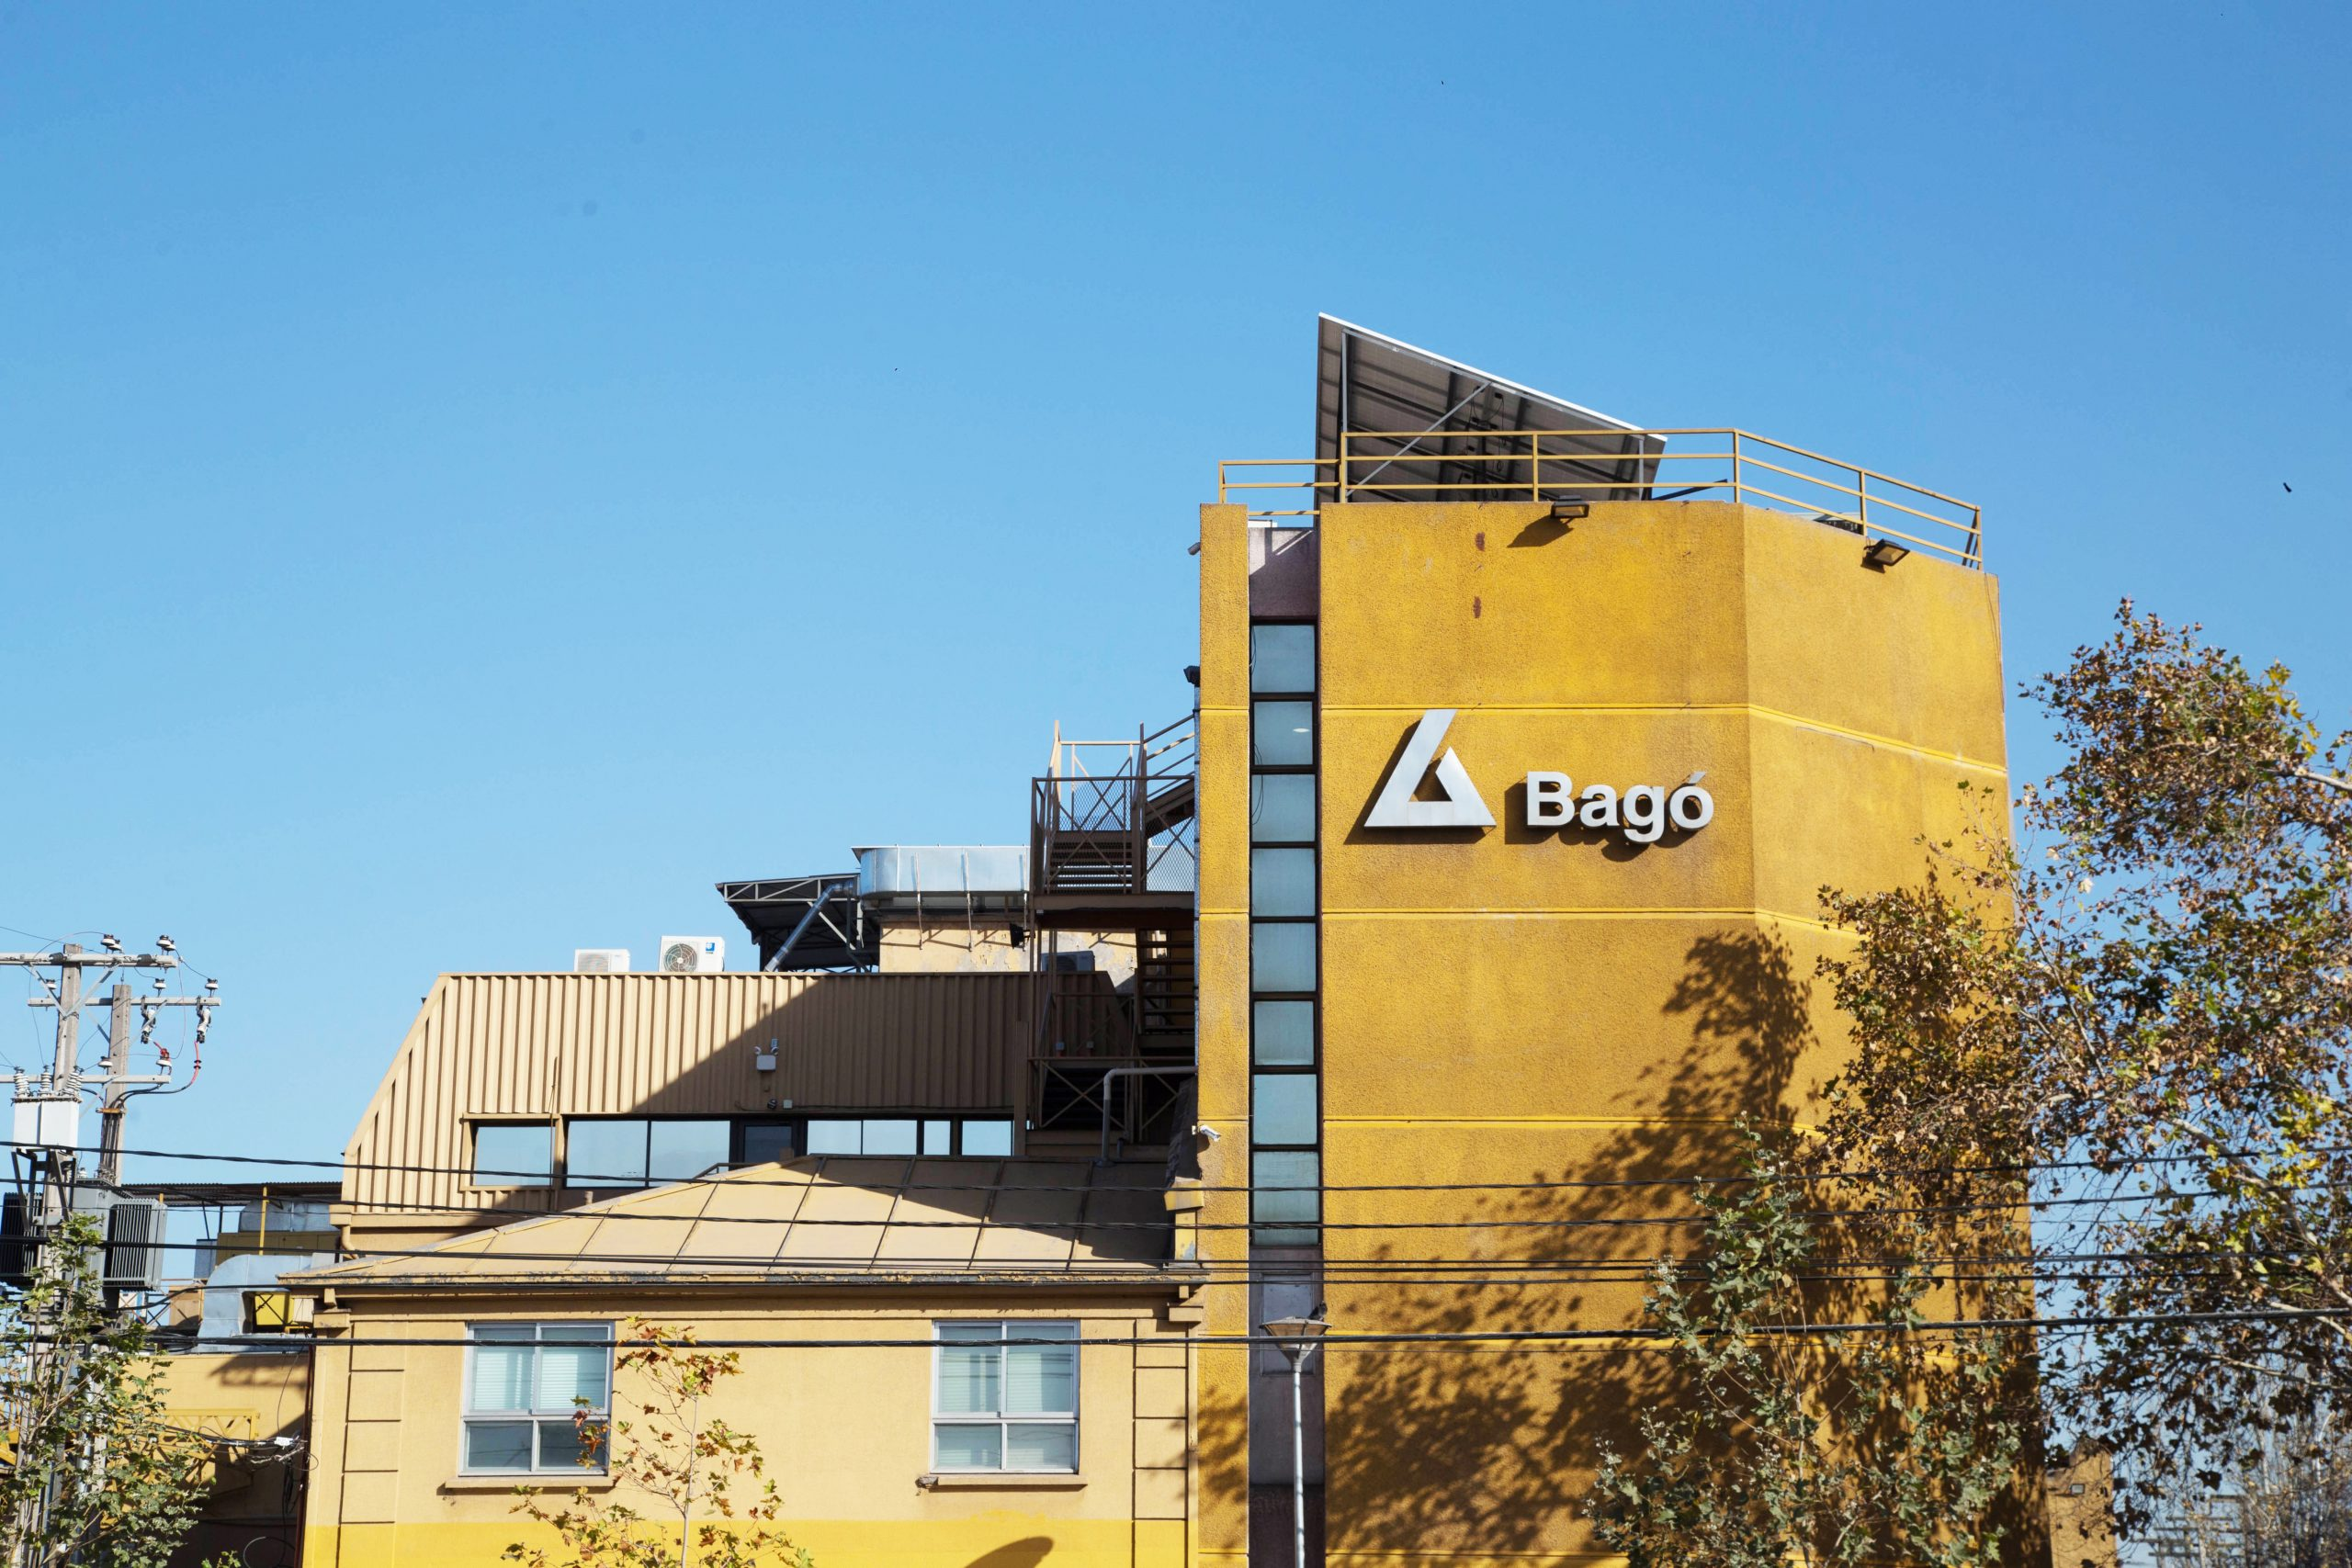 bago-e-40